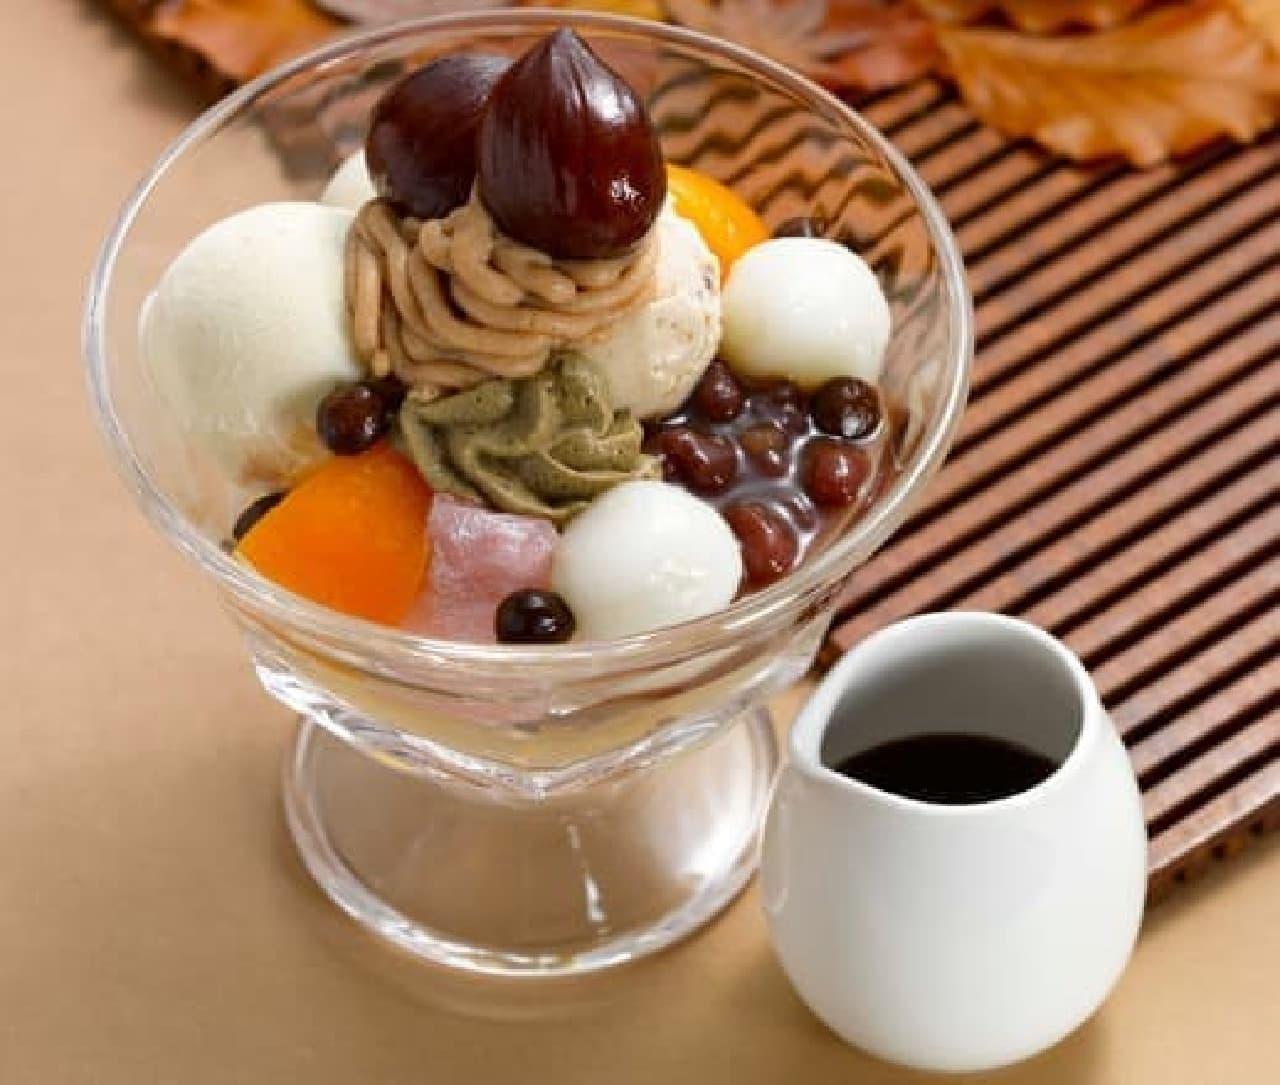 ロイヤルホストの「季節のクリームあんみつ ~渋皮栗とほうじ茶~」